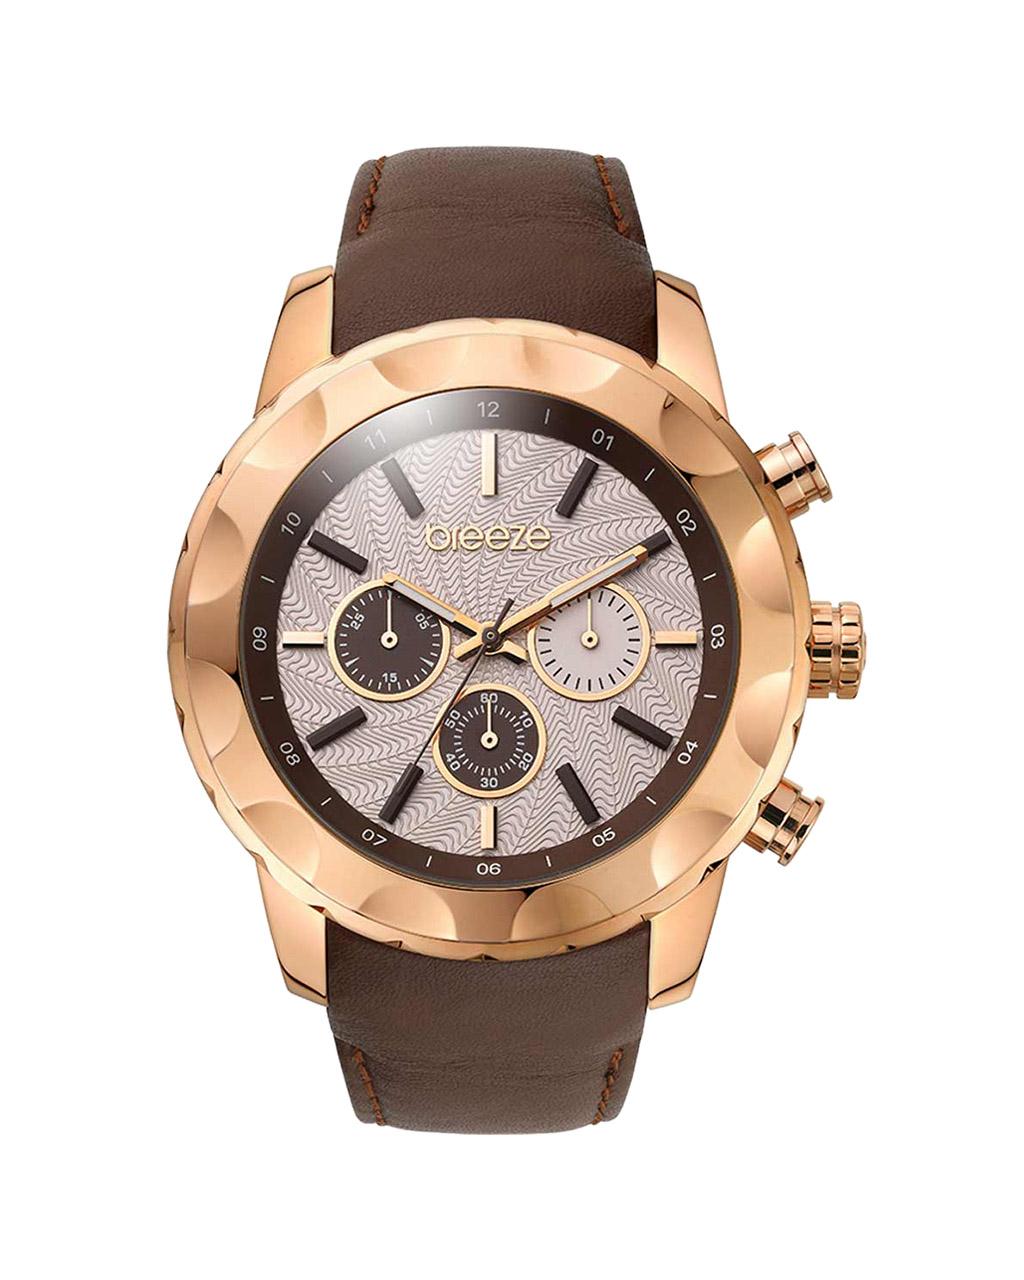 Ρολόι BREEZE 110261.3   προσφορεσ ρολόγια ρολόγια από 100 έως 300ε